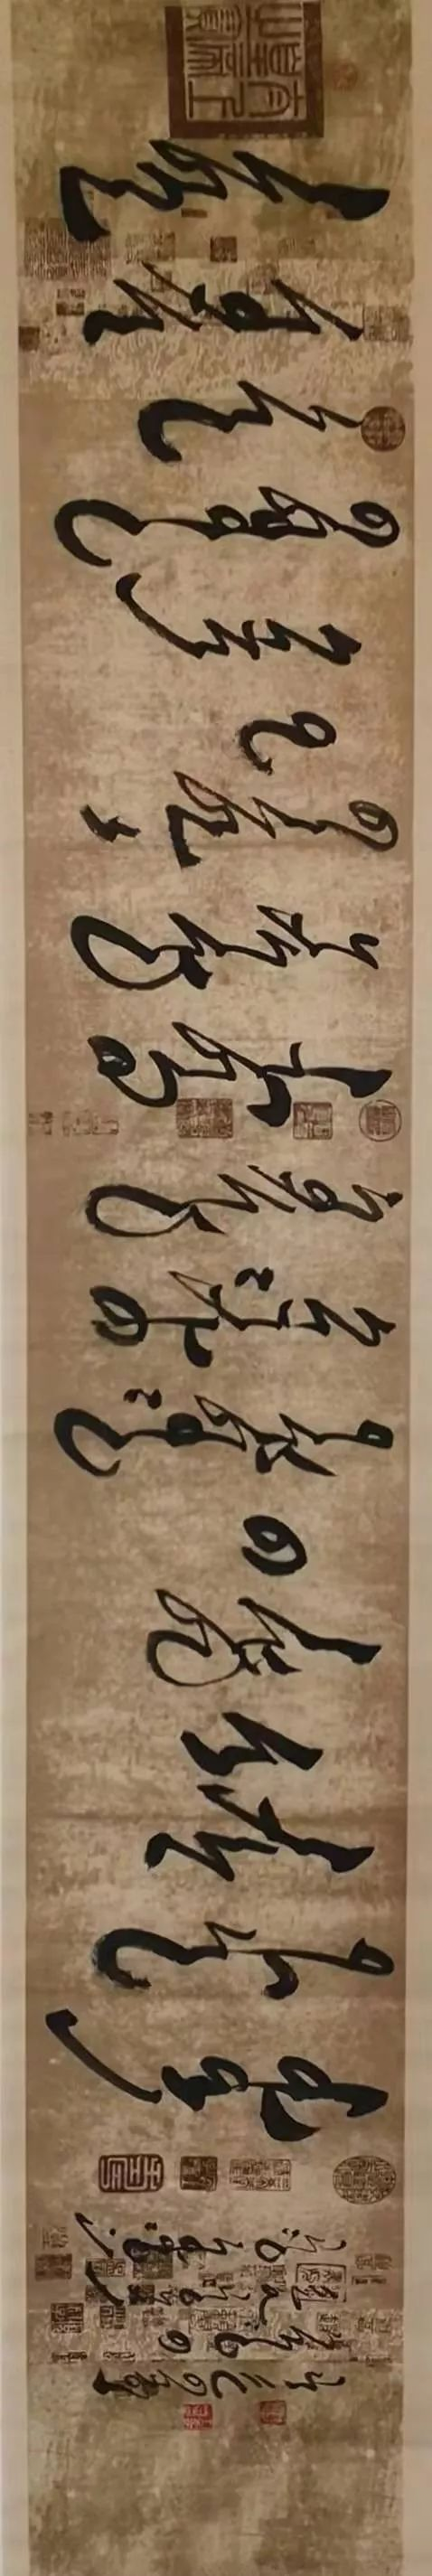 内蒙古书法家在行动:笔墨凝斗志,作品助抗疫 第11张